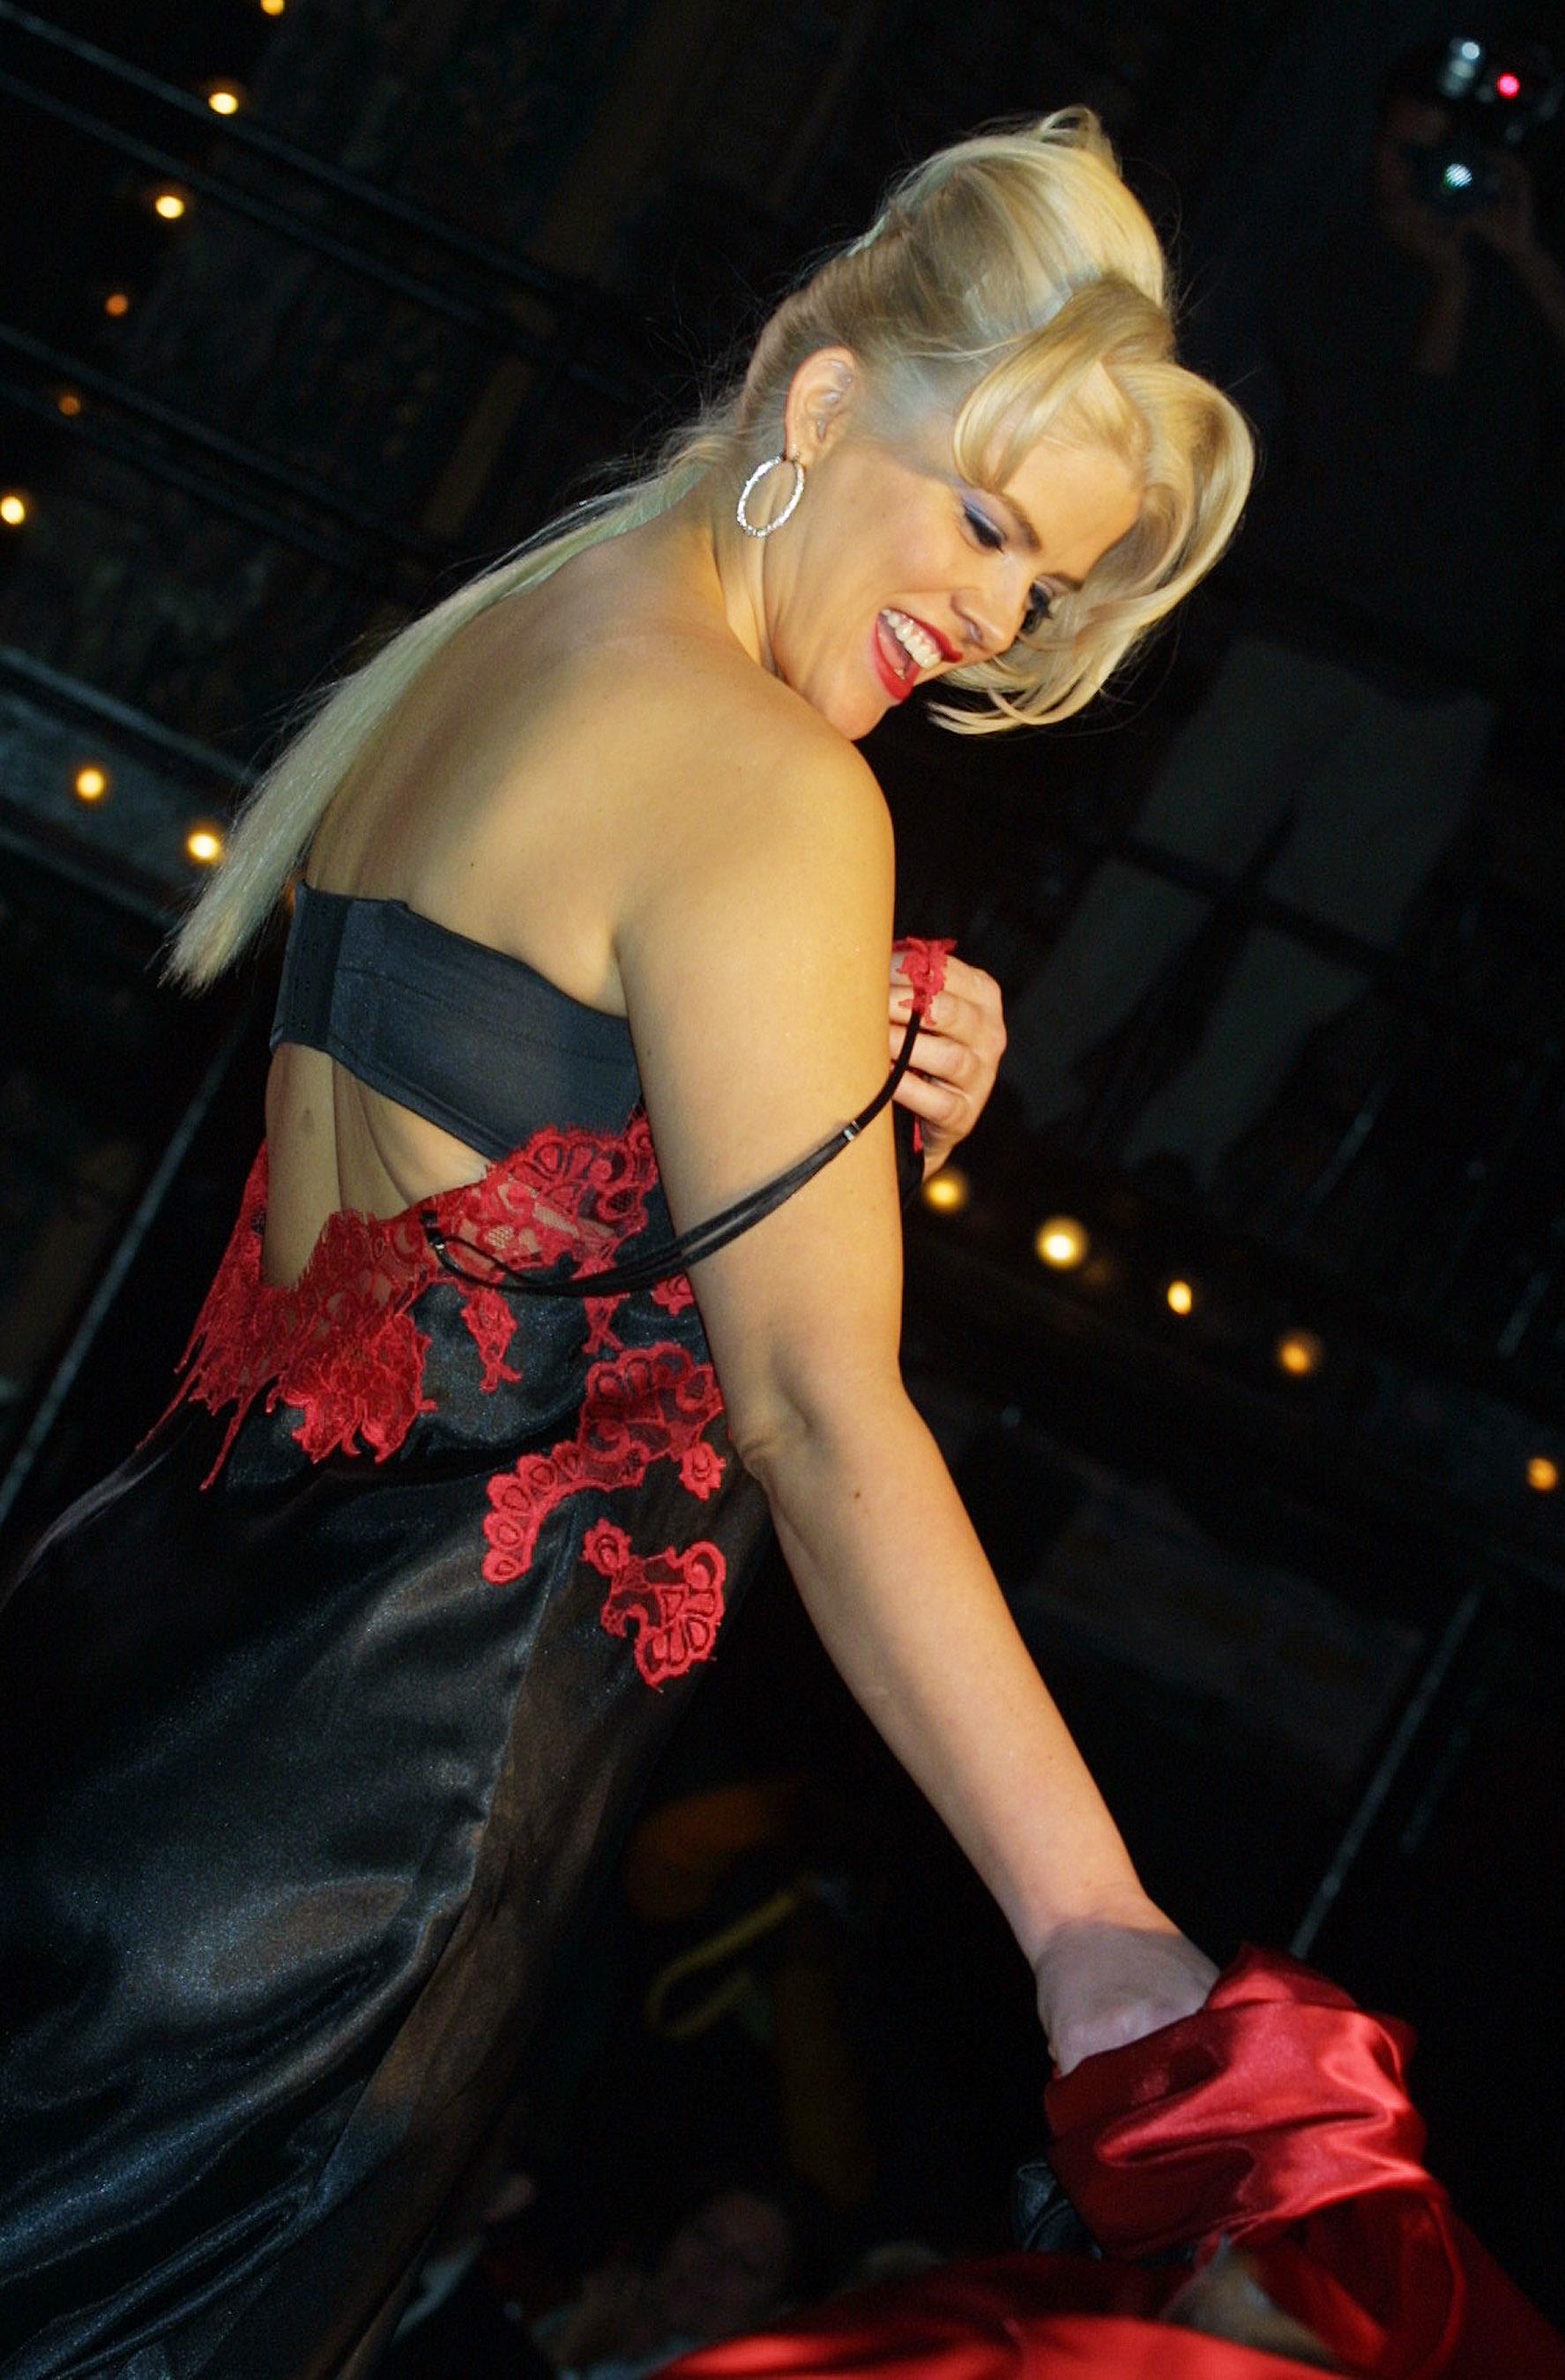 Irina shayk body paint naked